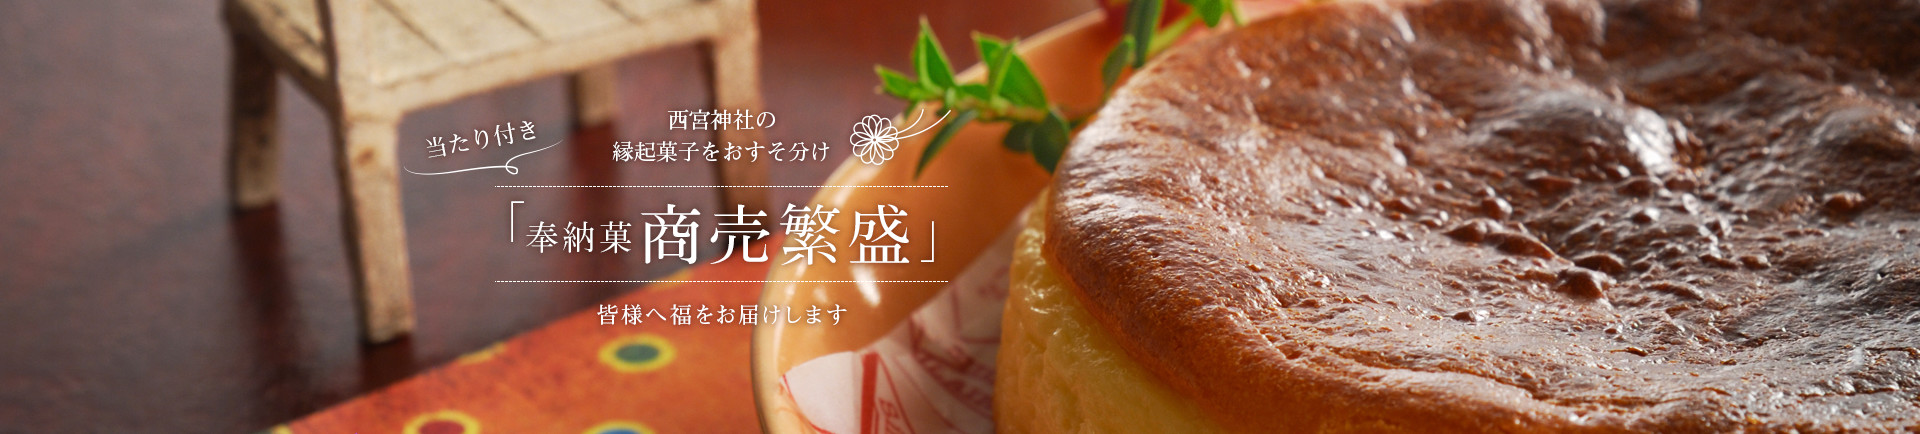 西宮神社の縁起菓子をおすそ分け 「奉納菓 商売繁盛」ケーキ